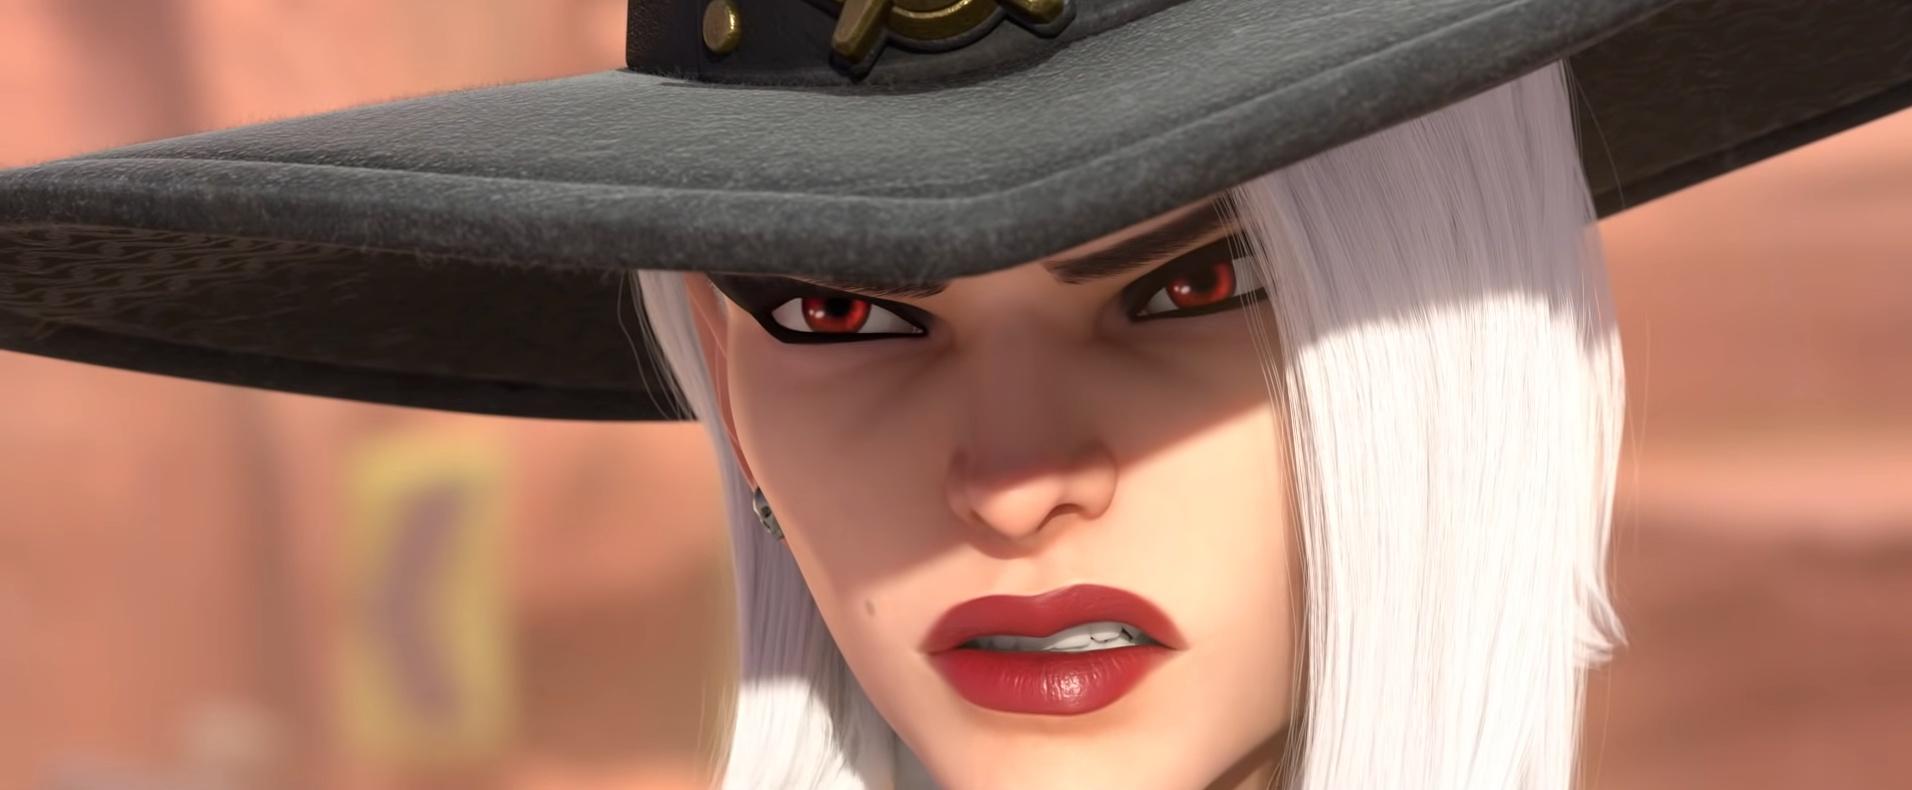 Департамент, выступивший против Activision Blizzard, обвиняется в нарушении этики